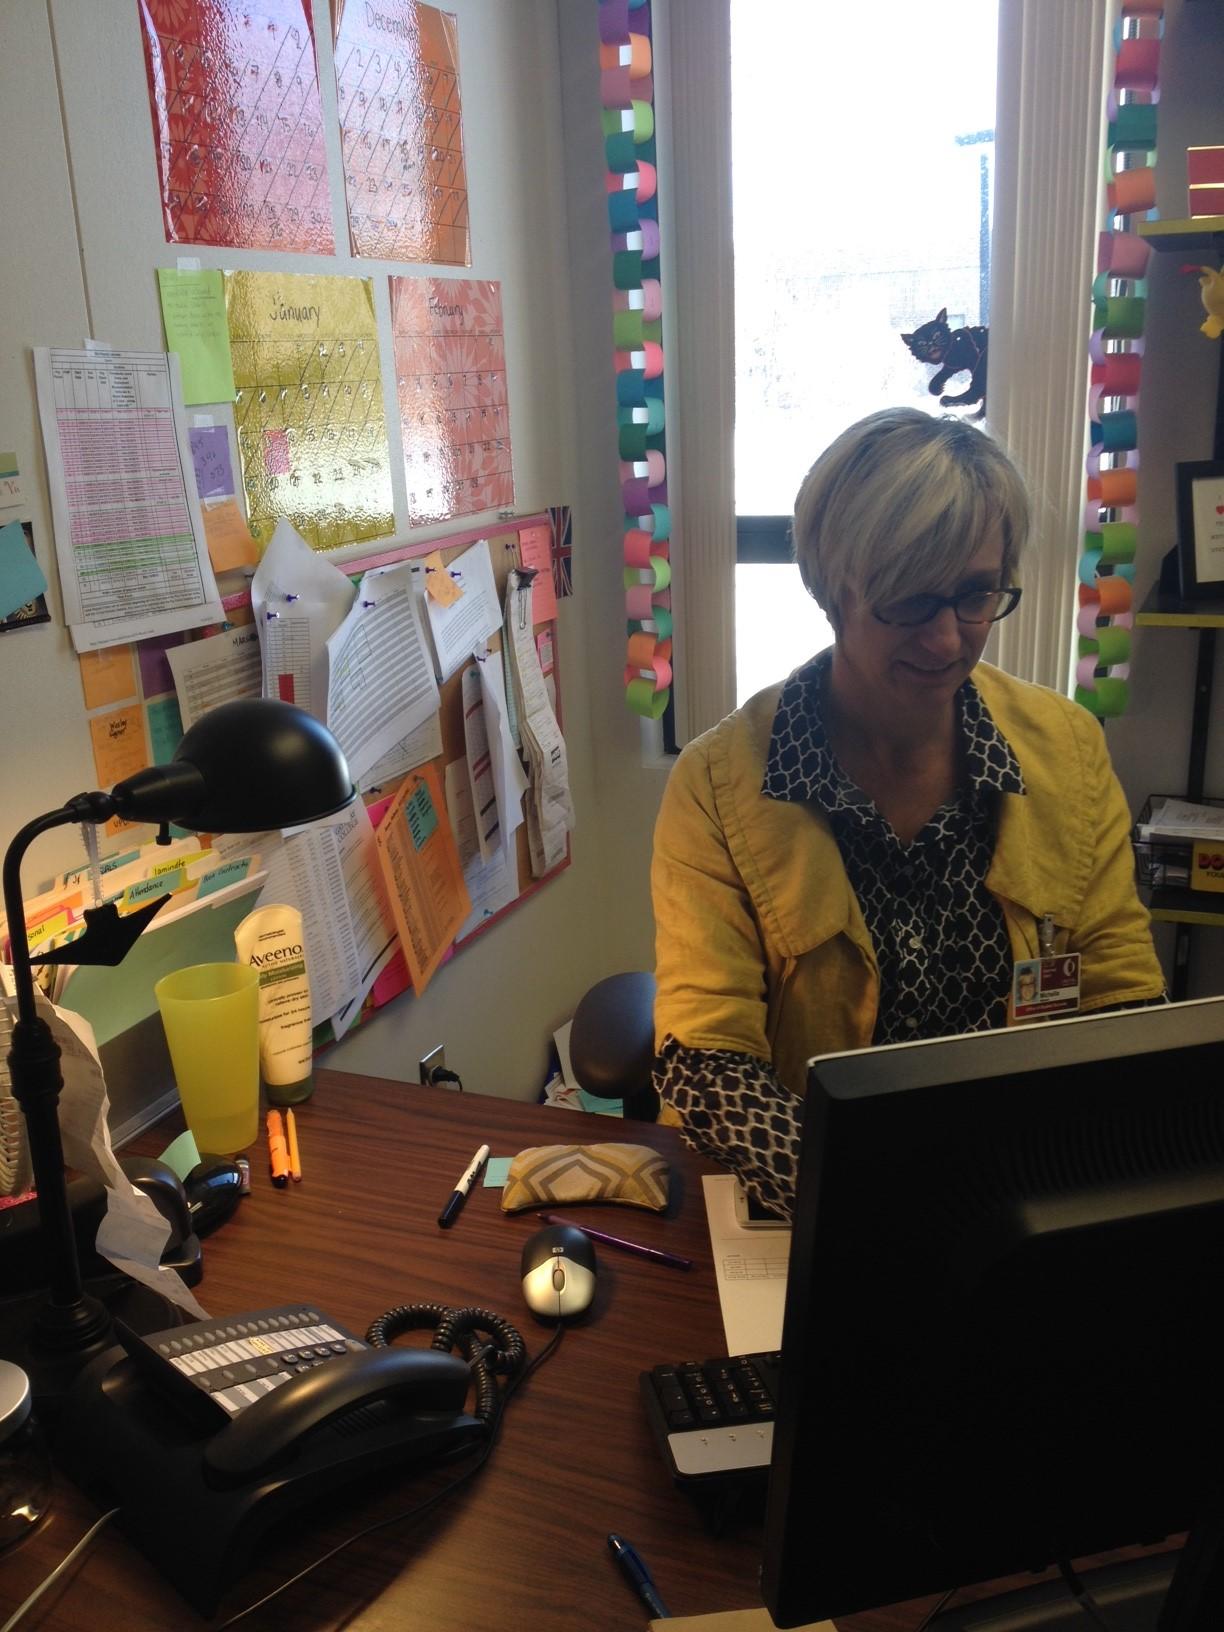 Caption: Gateway advisor Michelle Atkinson works in her office., Credit: Amy Hansen/StateImpact Ohio